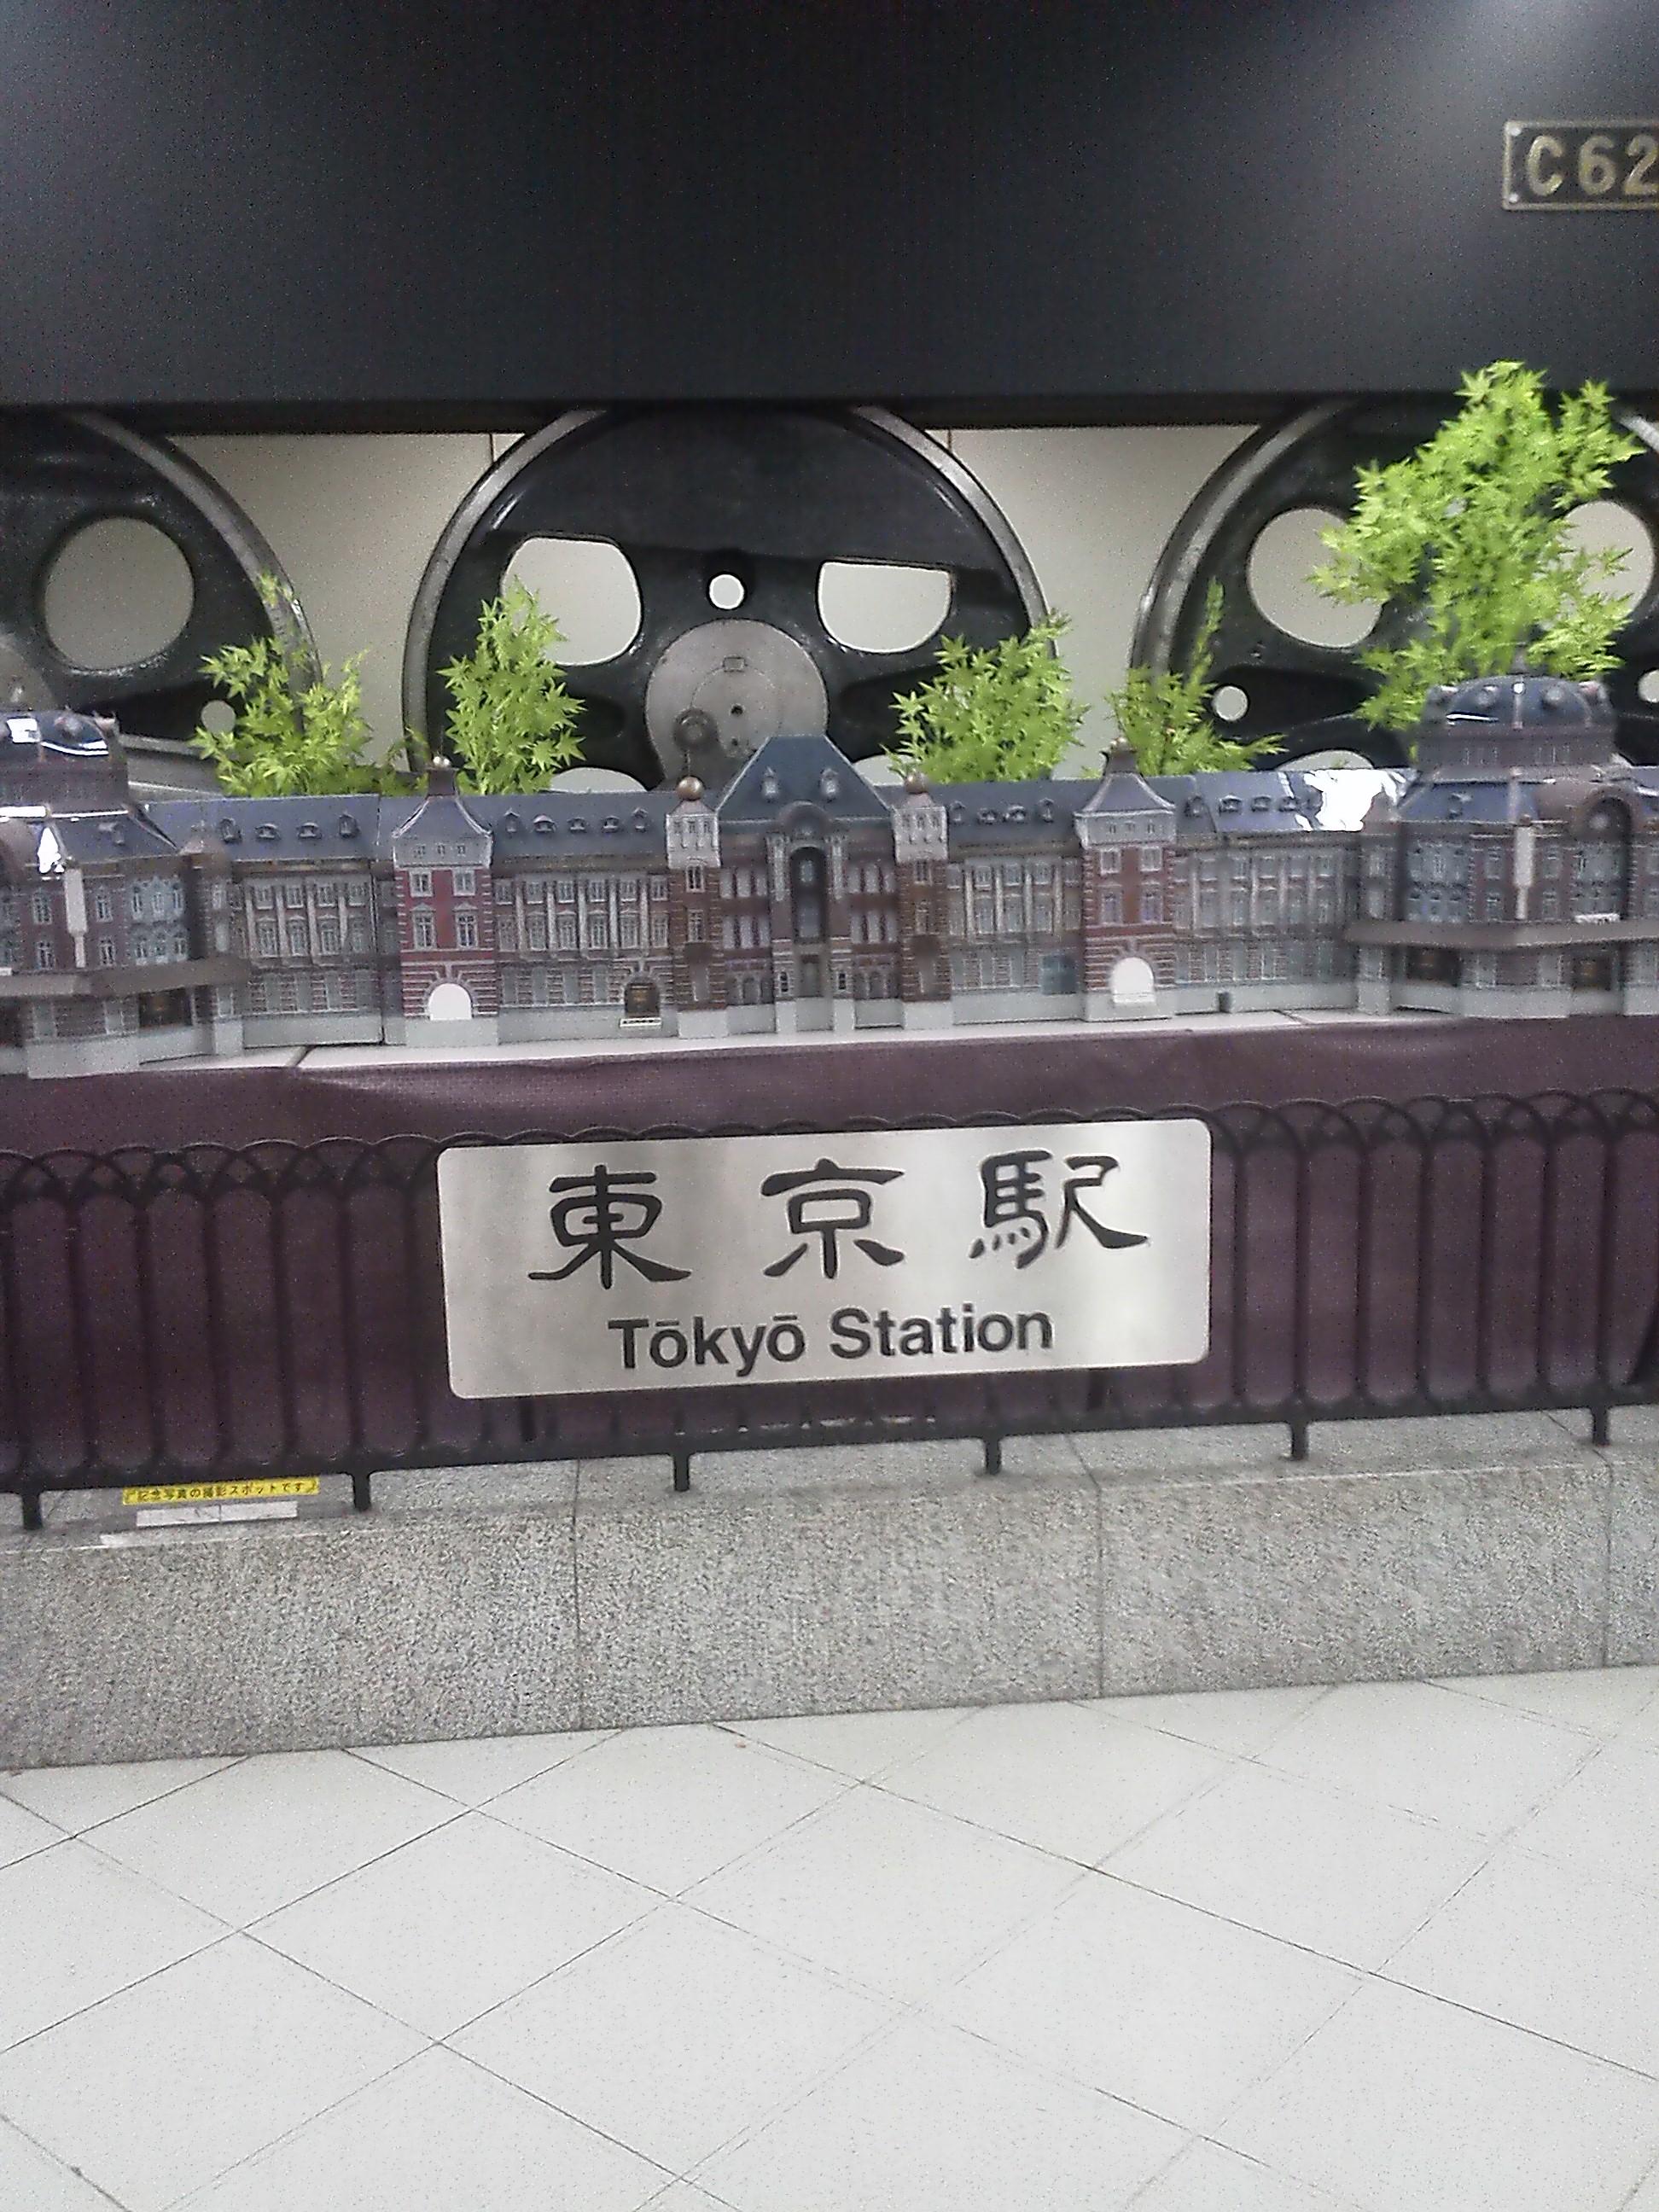 動輪の広場 東京駅の駅舎の模型